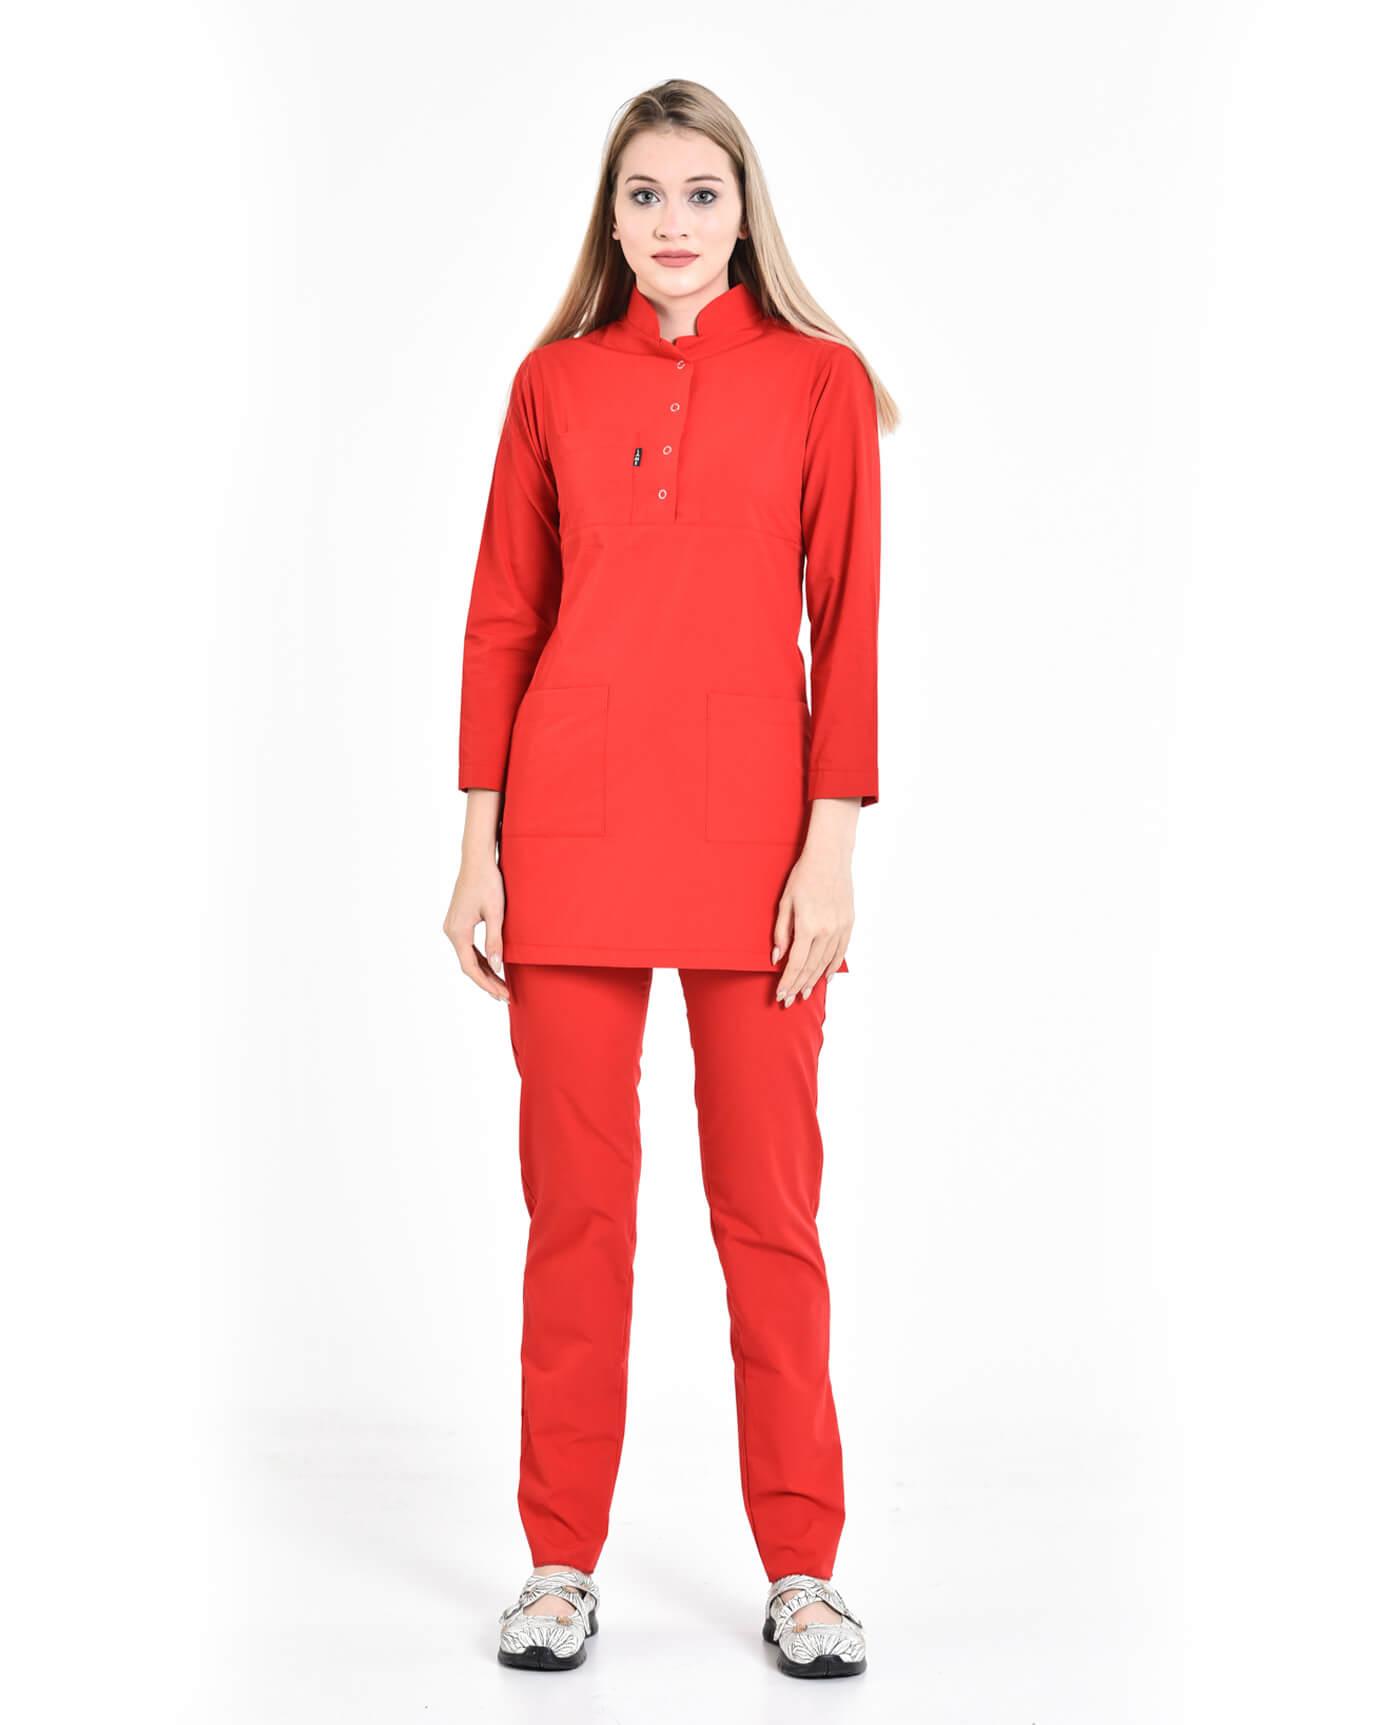 Tesettür Fermuarlı Kırmızı Takım Terrycotton